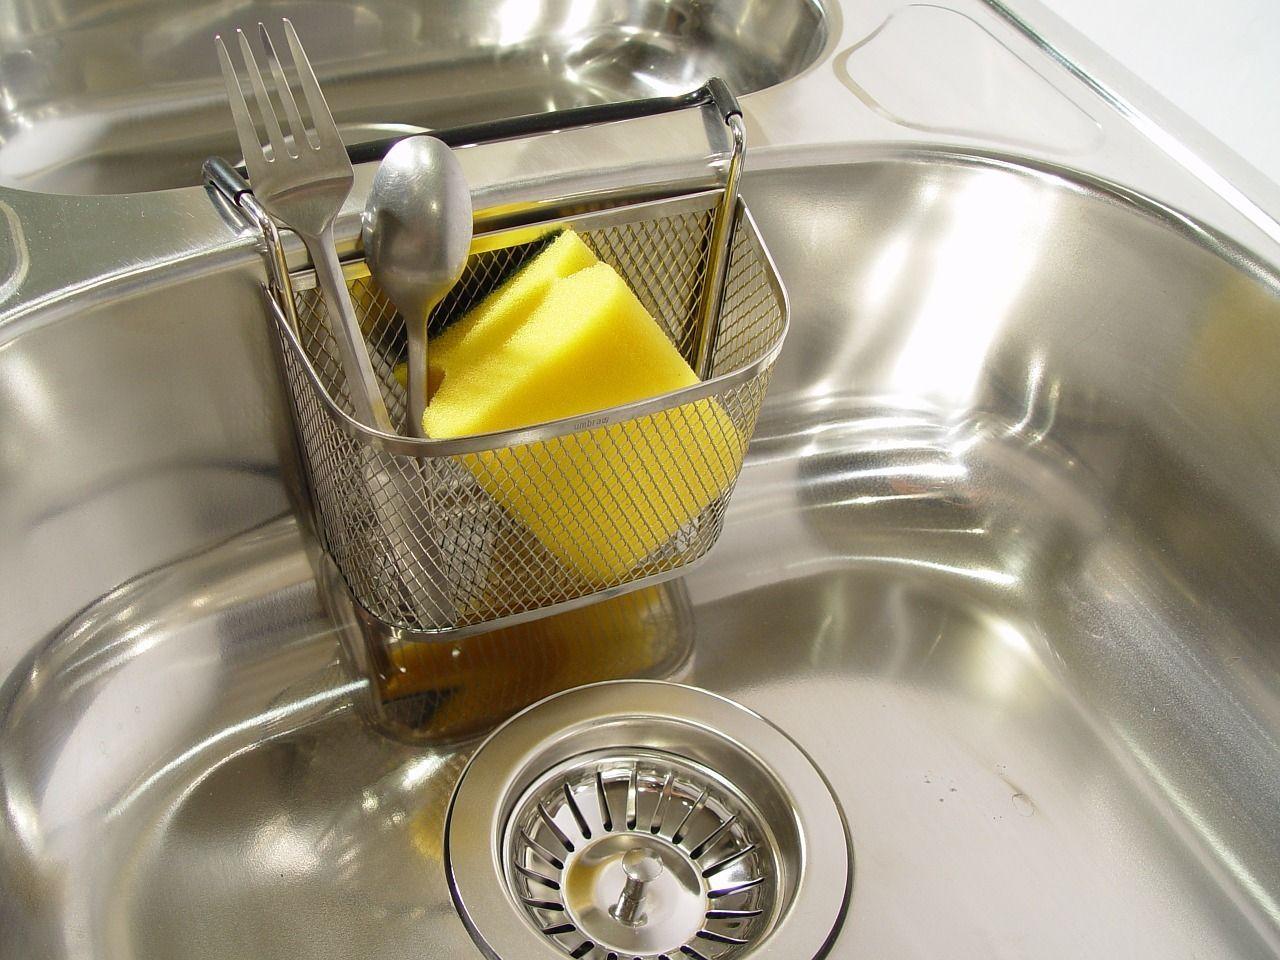 Abfluss Stinkt Diese Hausmittel Helfen In Kuche Und Bad Selbstgemachte Reinigungstucher Backofen Reinigen Hausmittel Und Teppich Reinigen